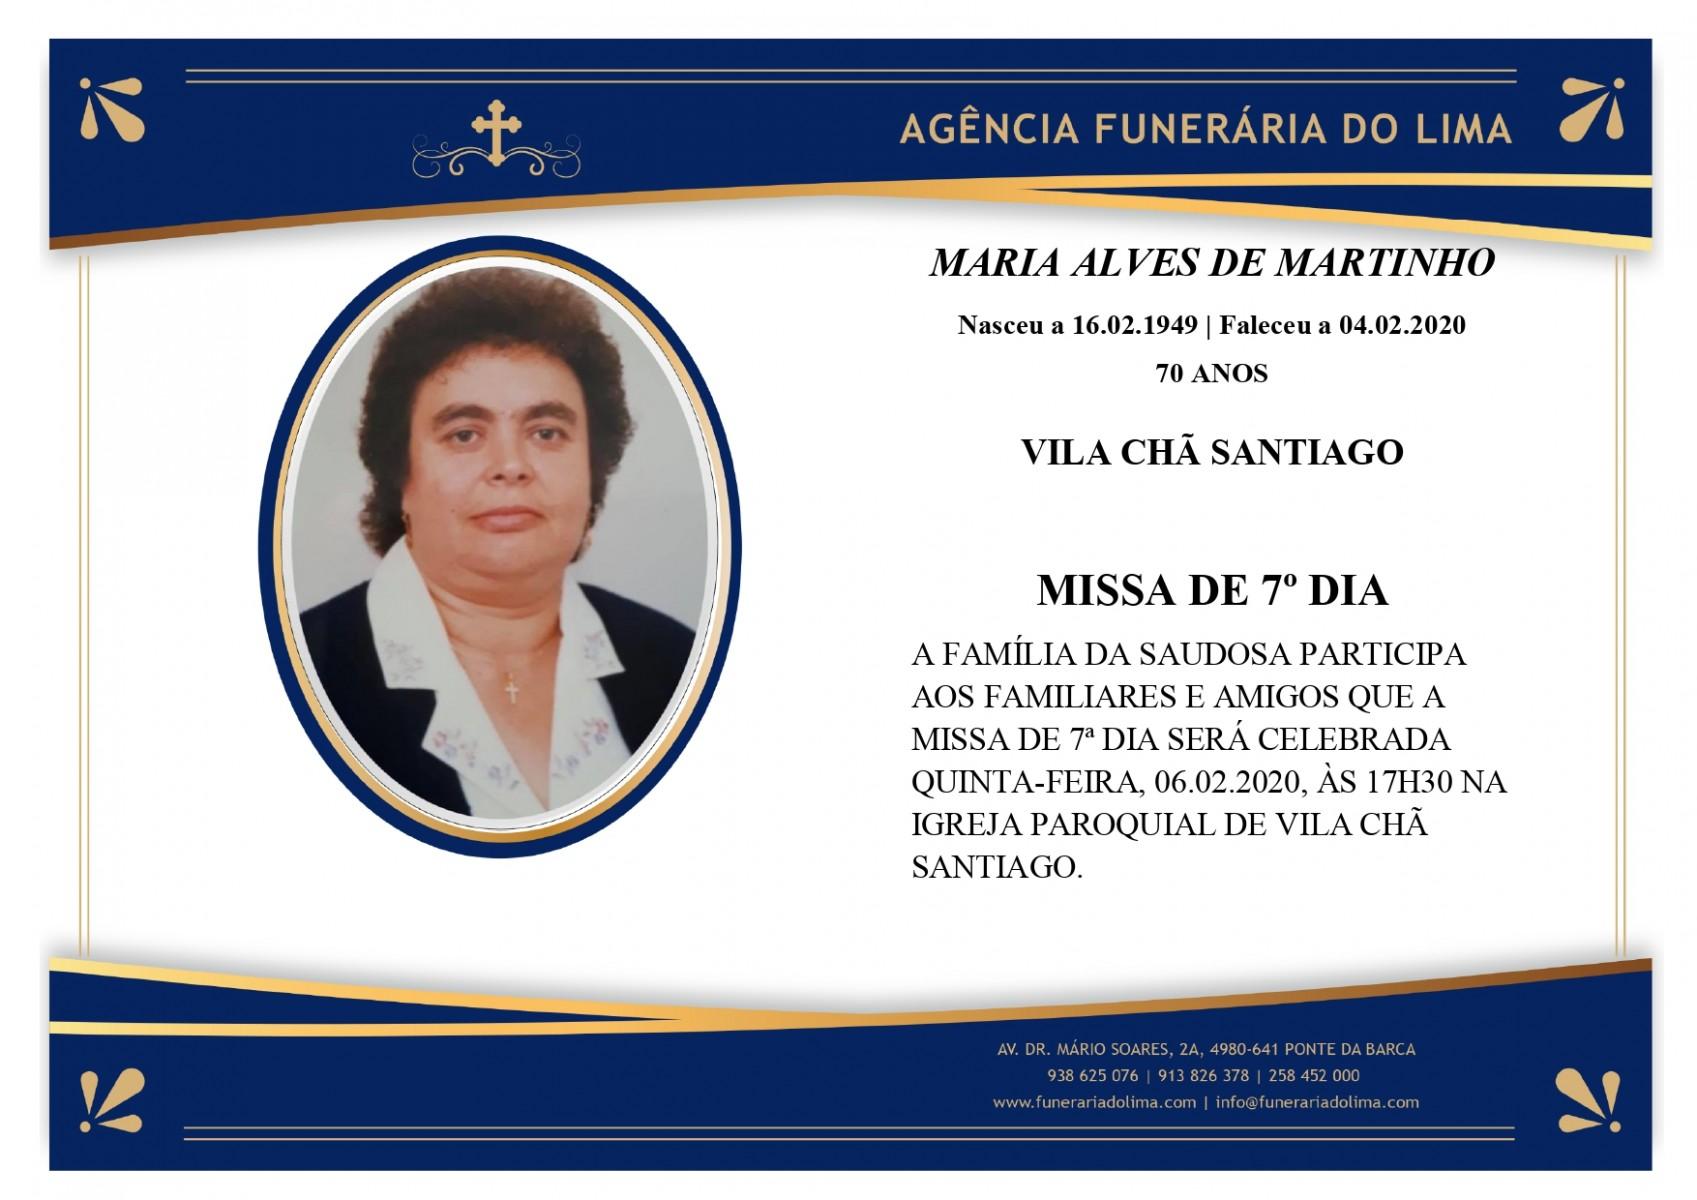 Maria Alves de Martinho